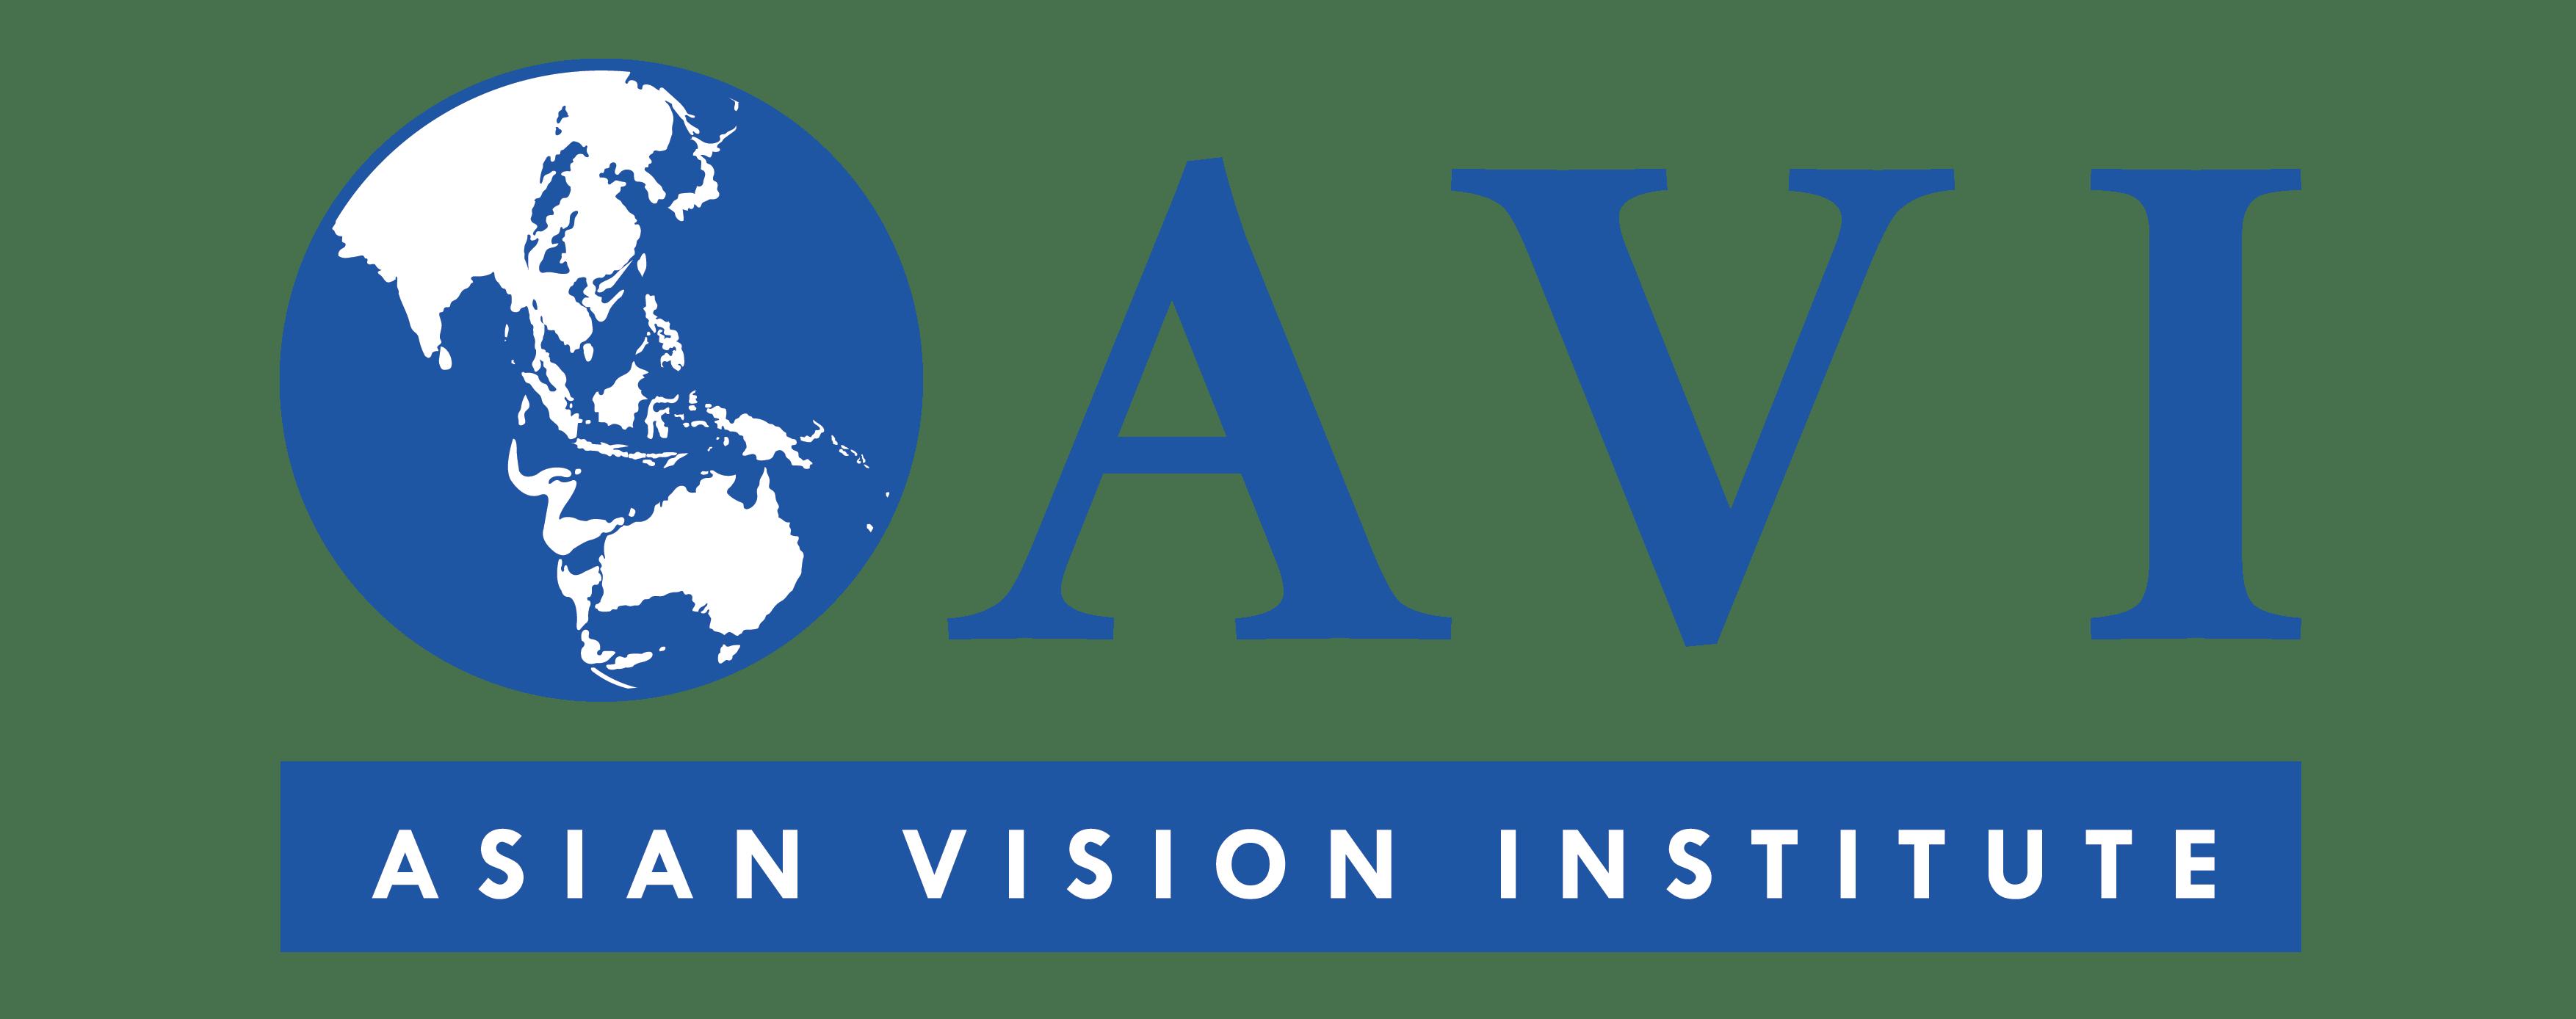 Asian Vision Institute